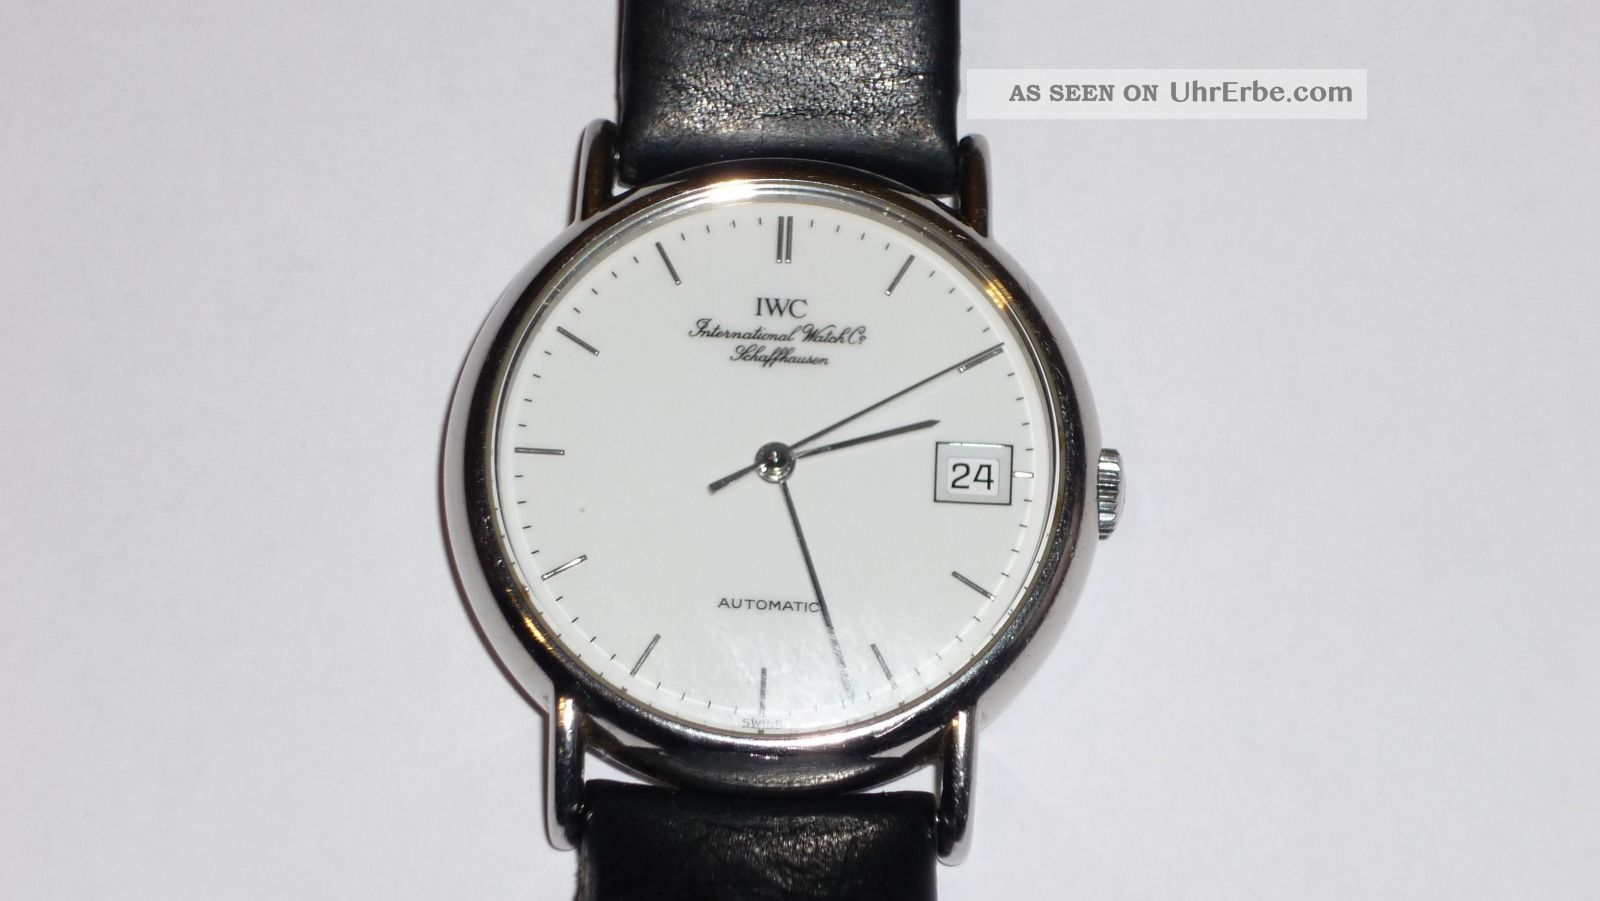 Iwc - Portofino - Automatik - Datum - Edelstahl. Armbanduhren Bild